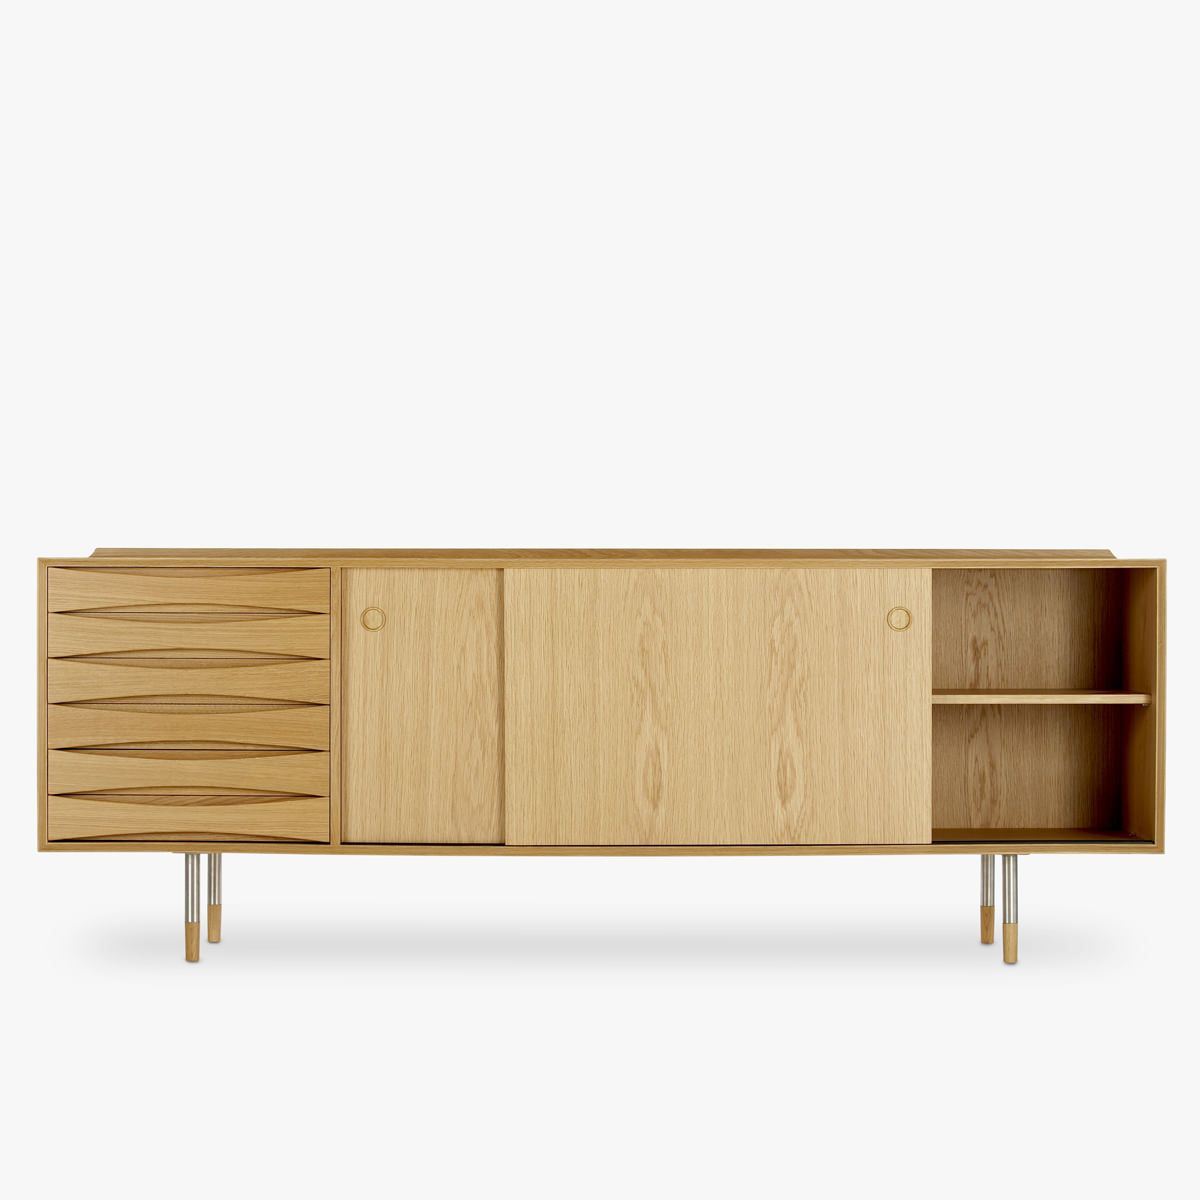 Arne Vodder Sideboard Av01 Oak Sideboard Home Furniture Danish